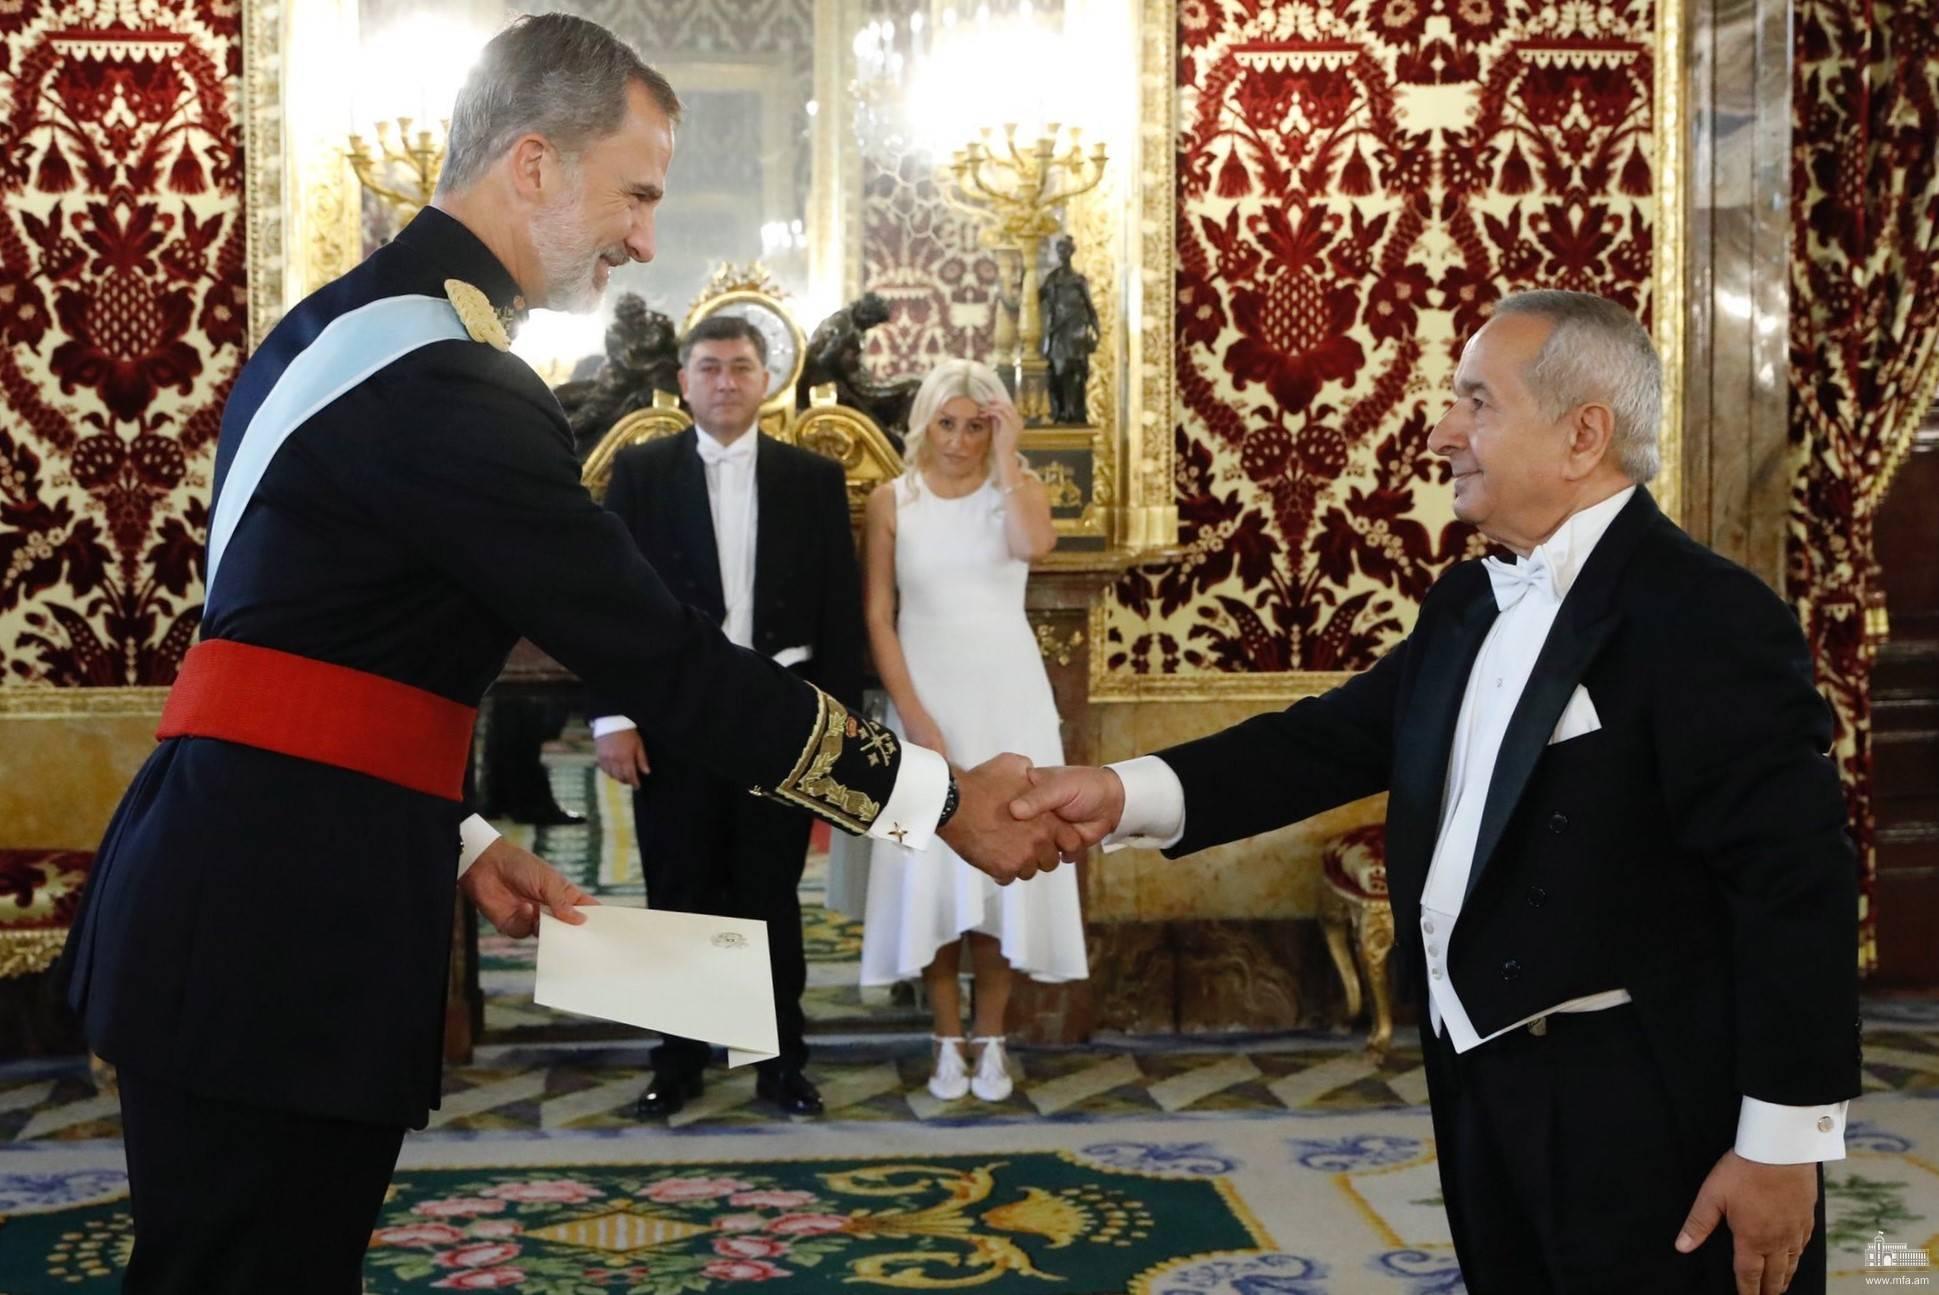 Դեսպան Կարմիրշալյանն իր հավատարմագրերը հանձնեց Իսպանիայի թագավորին